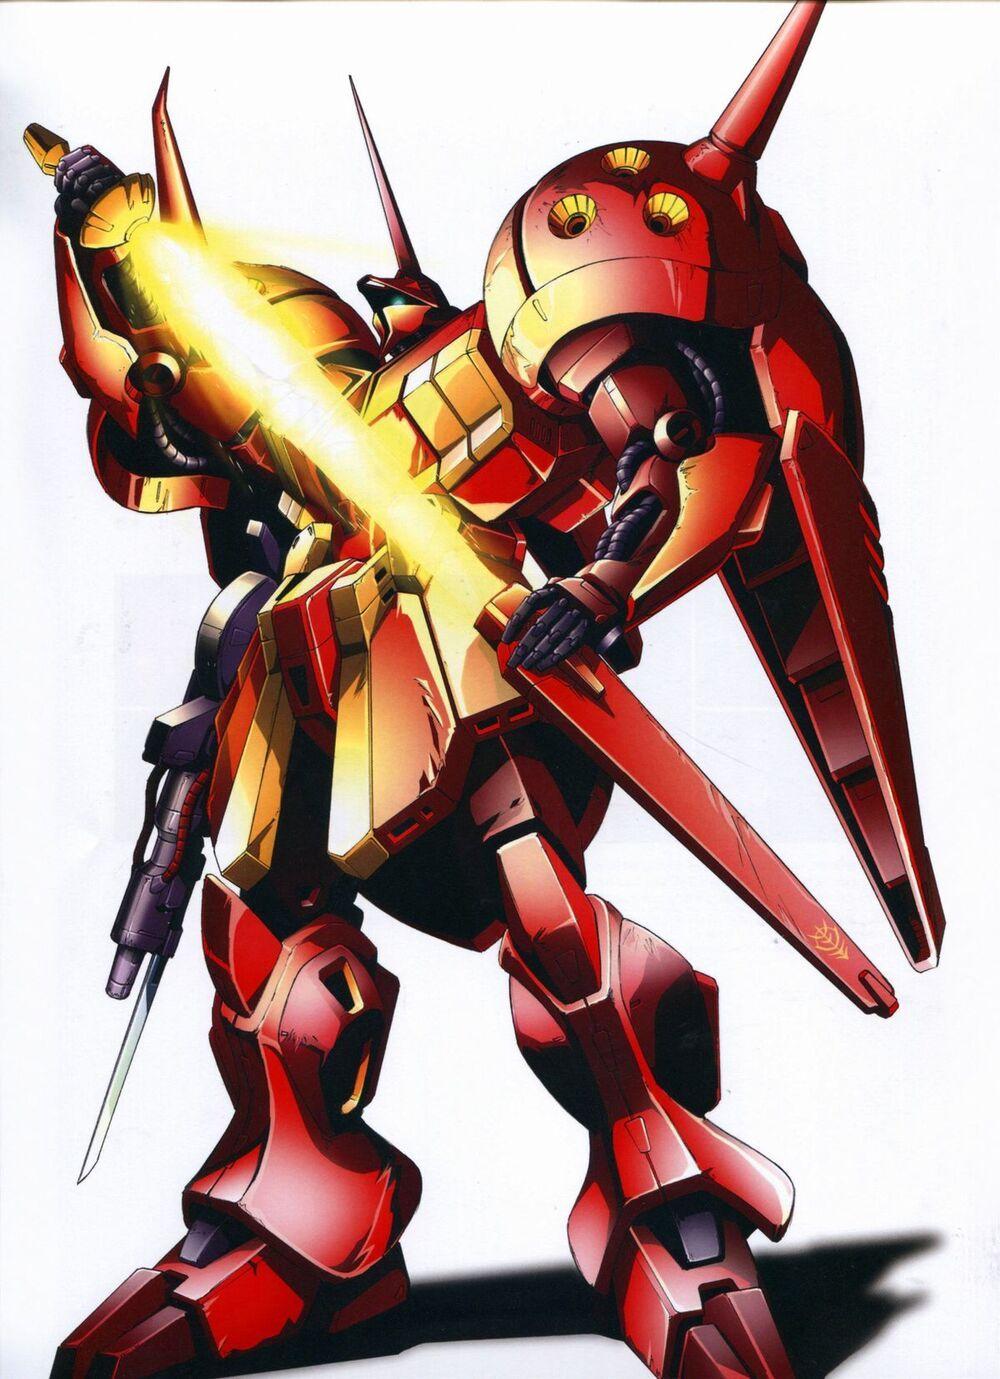 AMX104 RJarja Gundam, Zeta gundam, Mobile suit